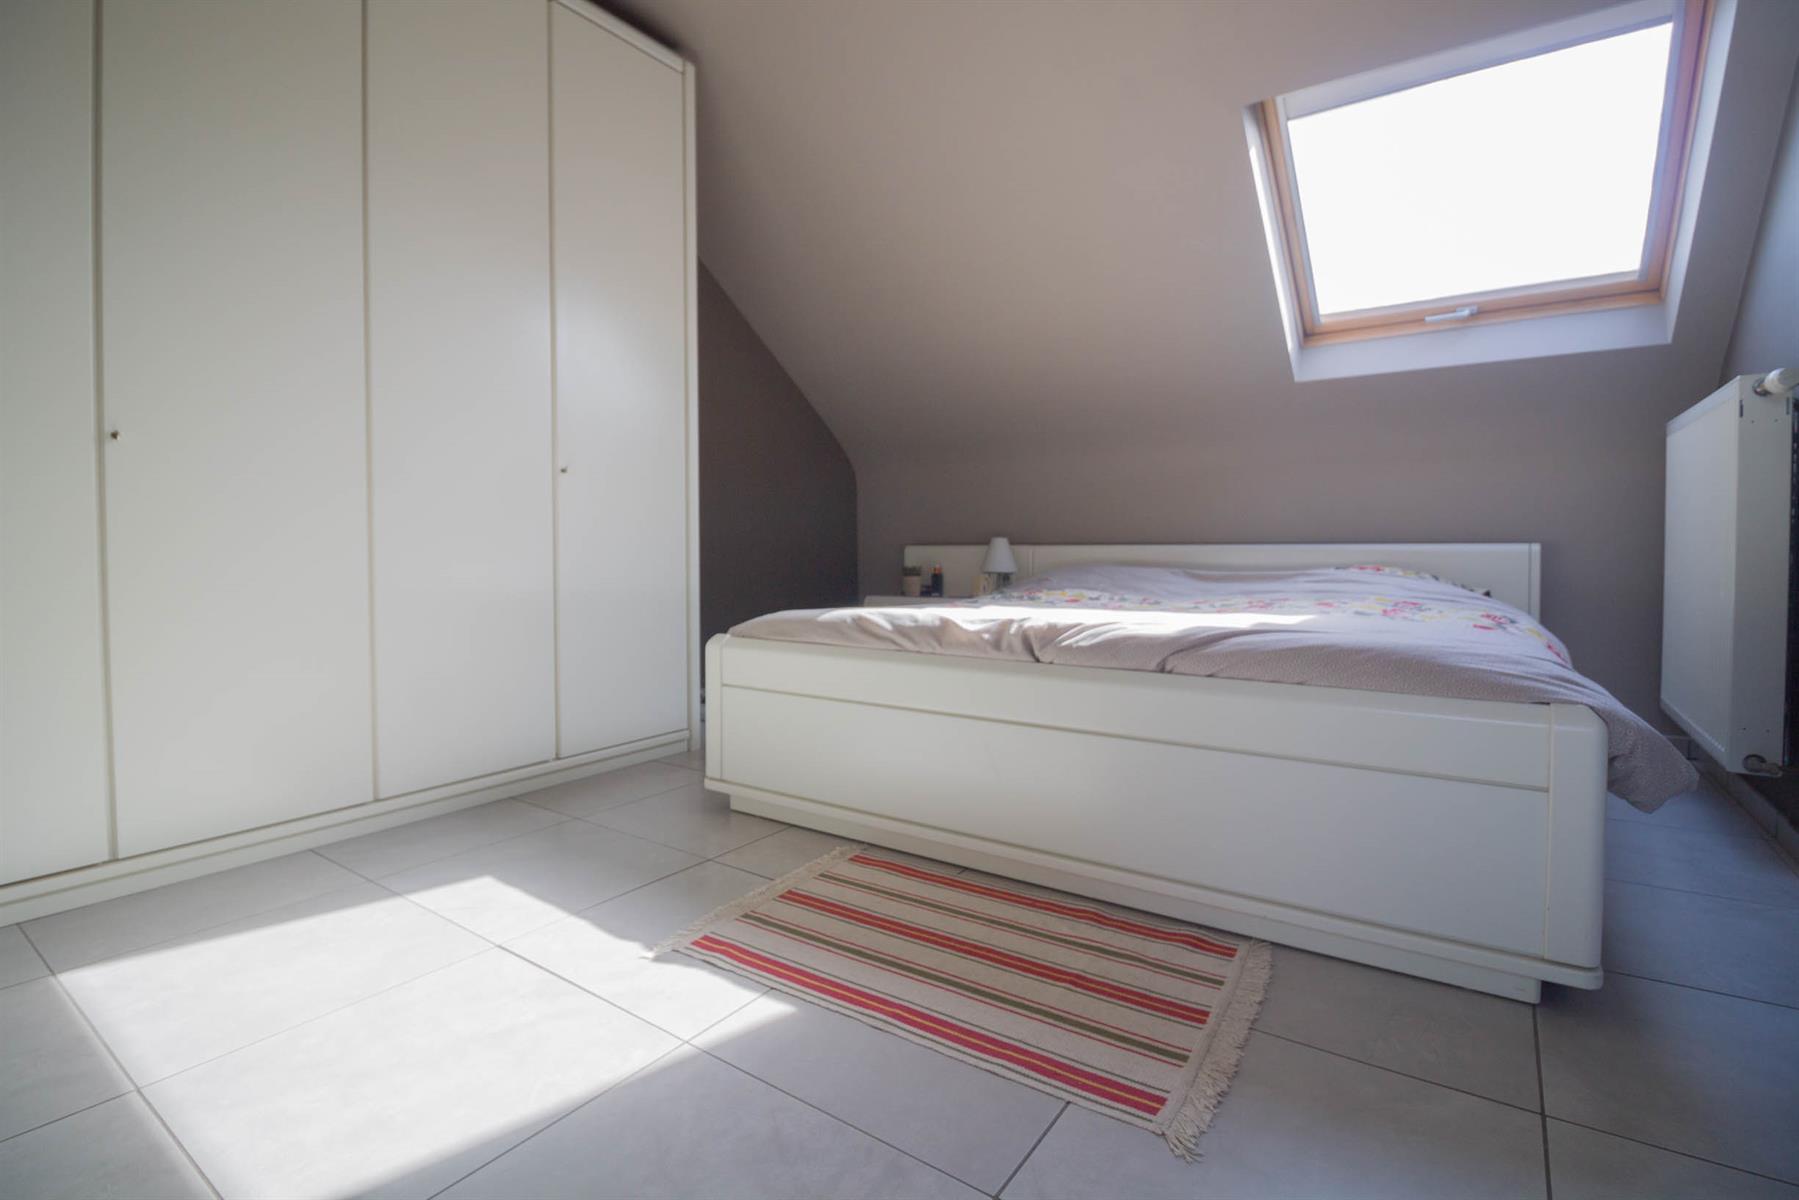 Duplex - La Louvière - #4367173-21